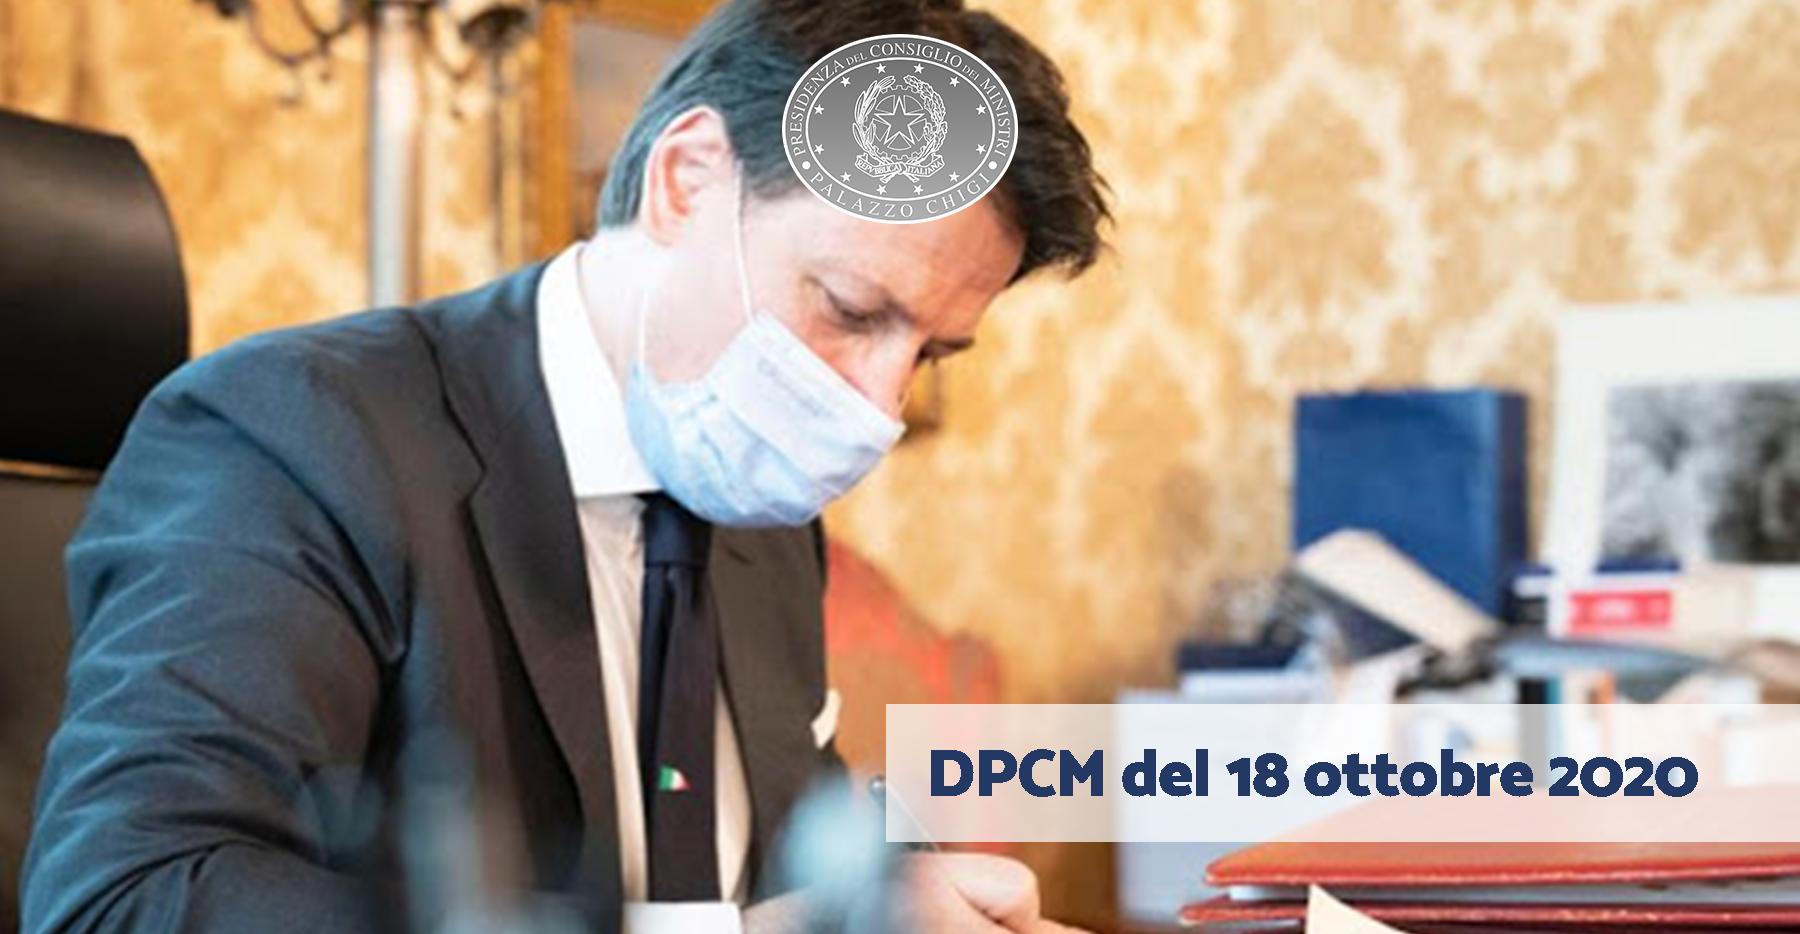 DPCM del 18 ottobre 2020: Misure urgenti di contenimento del contagio sull'intero territorio nazionale